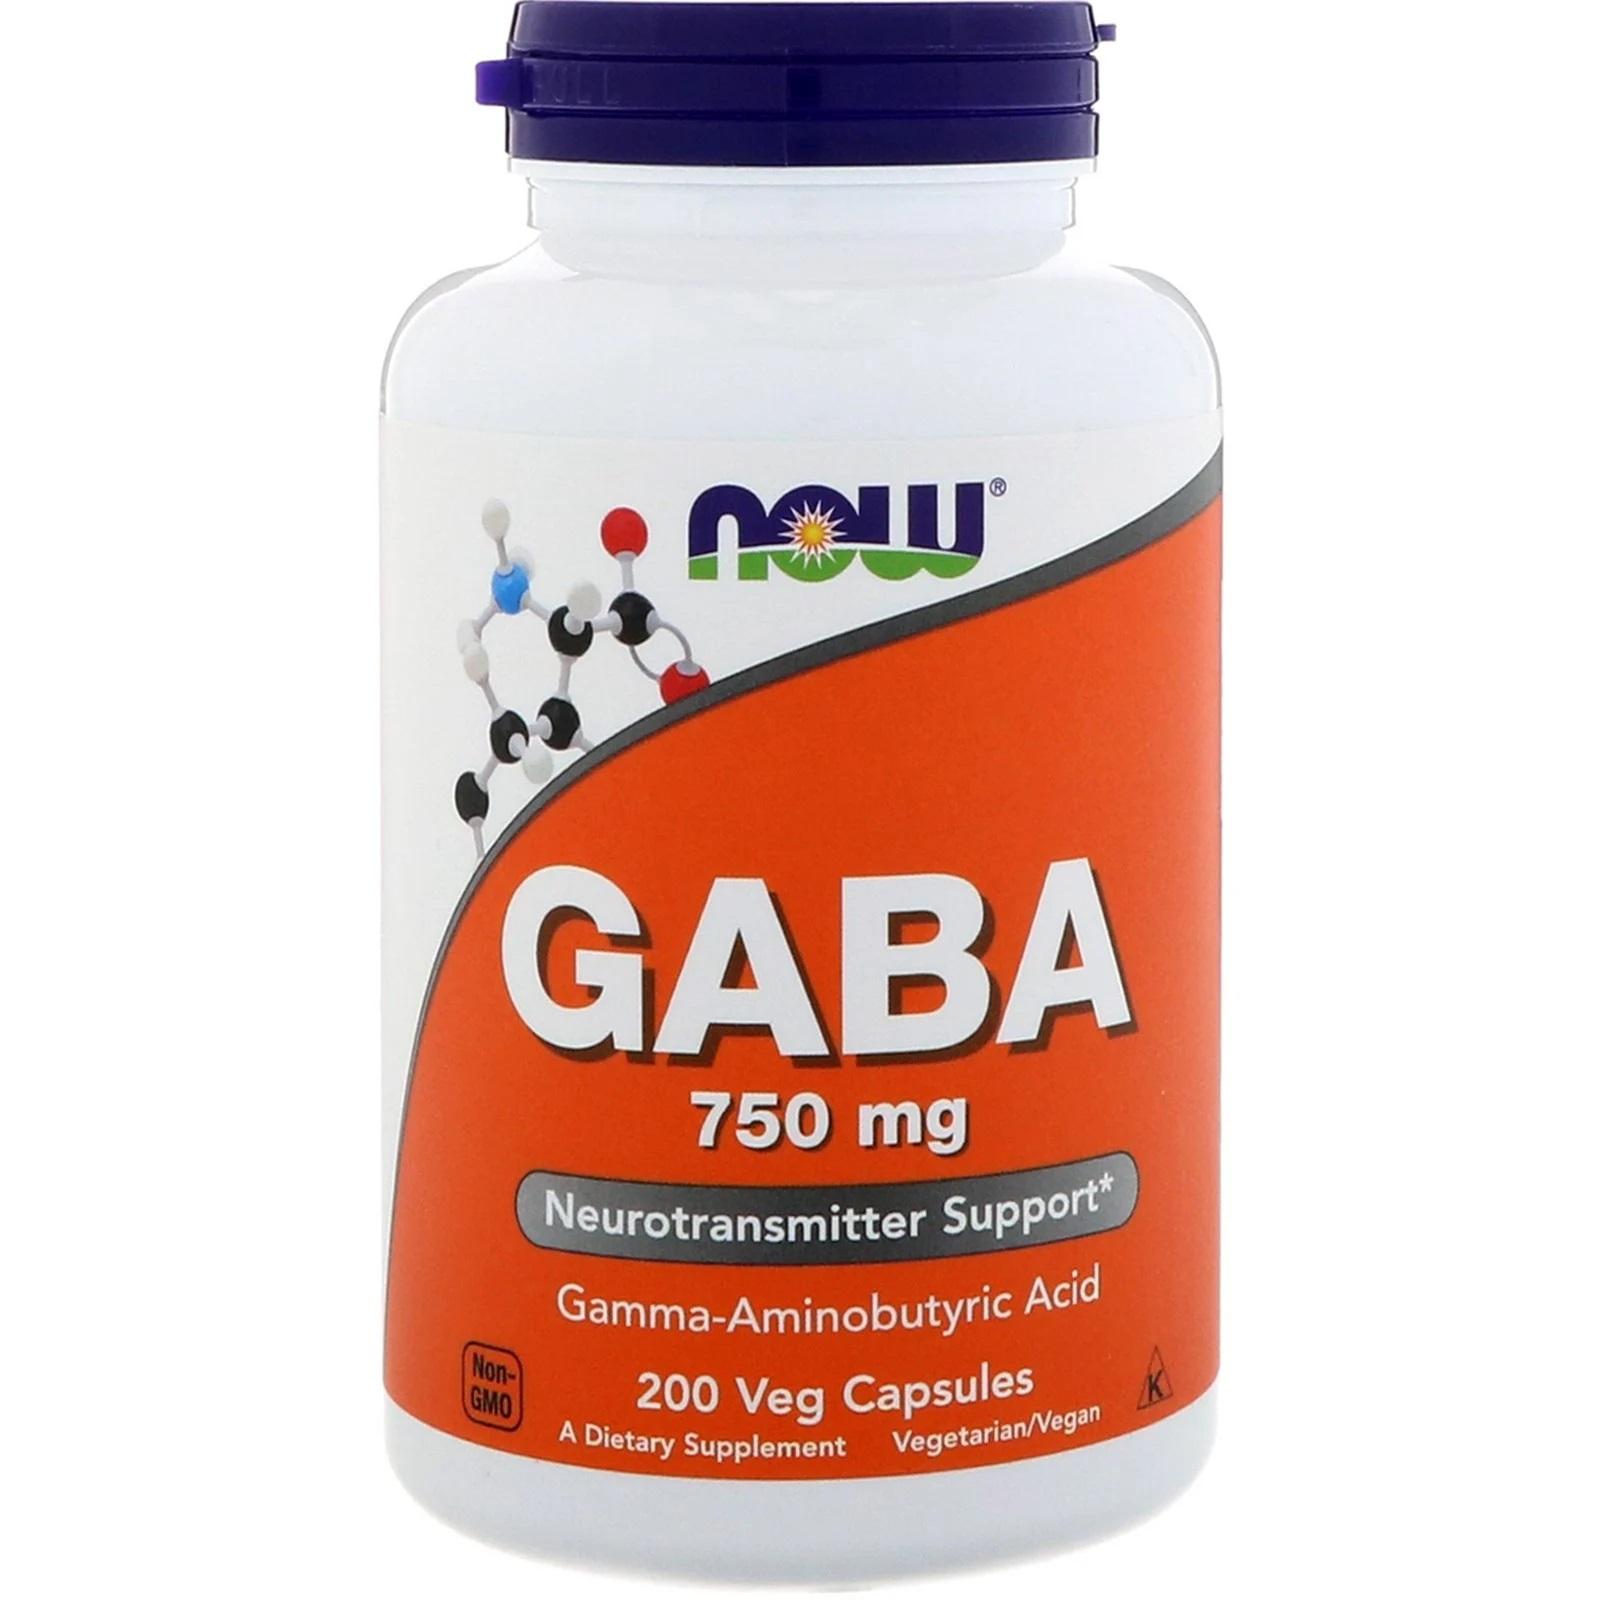 Image of GABA- 750 mg (200 Vegetarian Capsules) - Now Foods 0733739001290